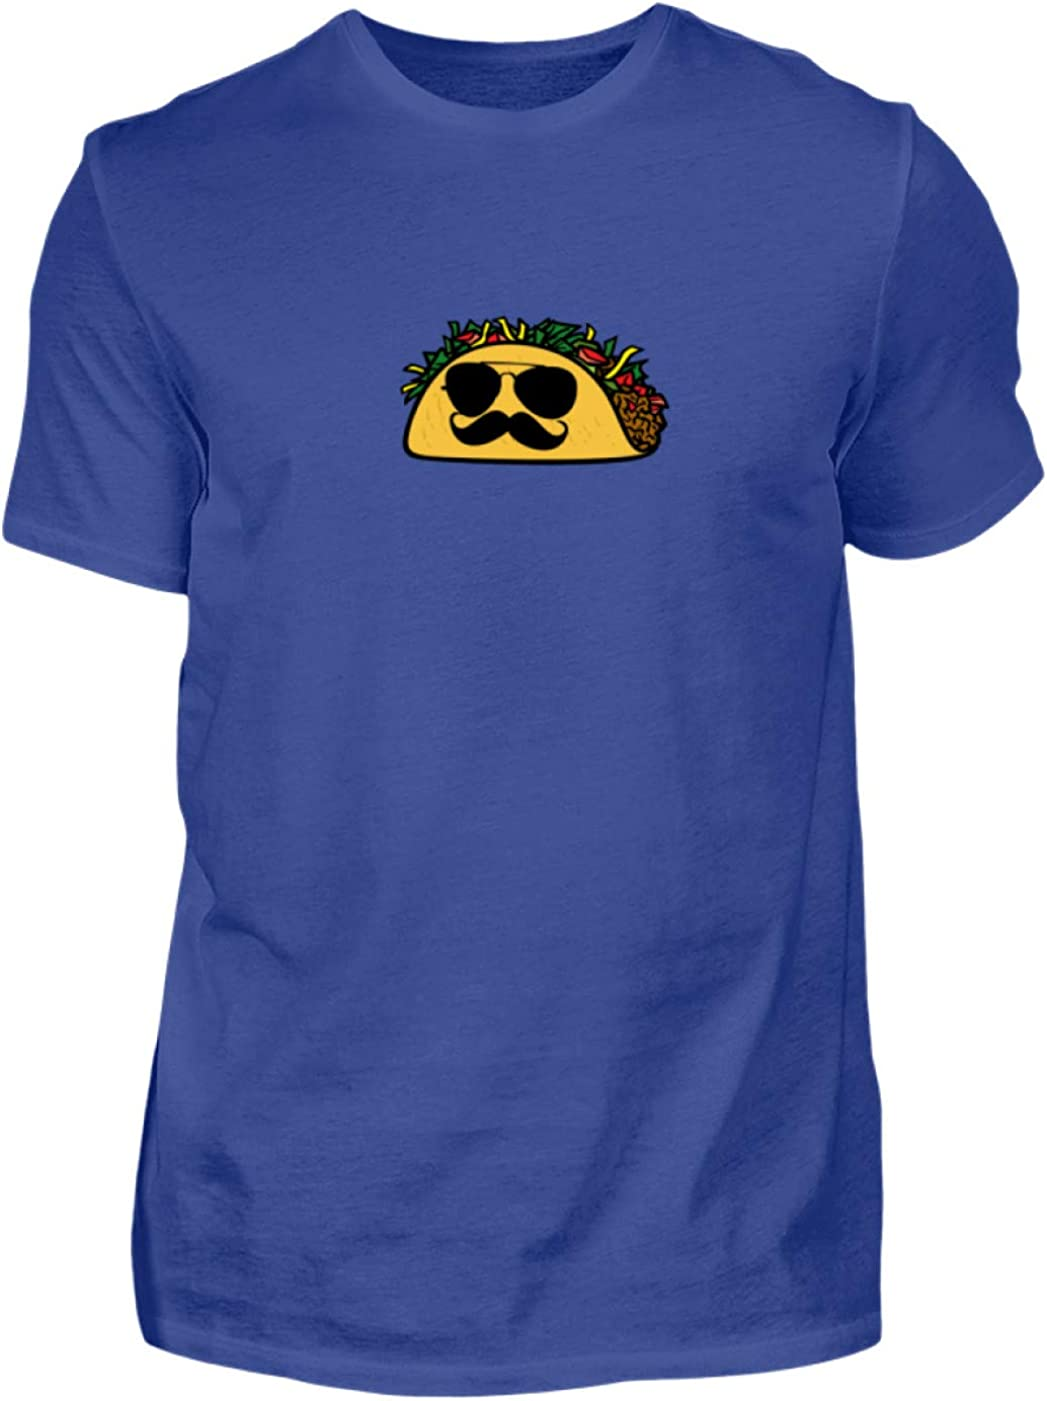 Desconocido Taco Mexicano - Gafas de Sol - Lentes Oscuros - Policía - Bigote - Camisa de Hombre: Amazon.es: Ropa y accesorios